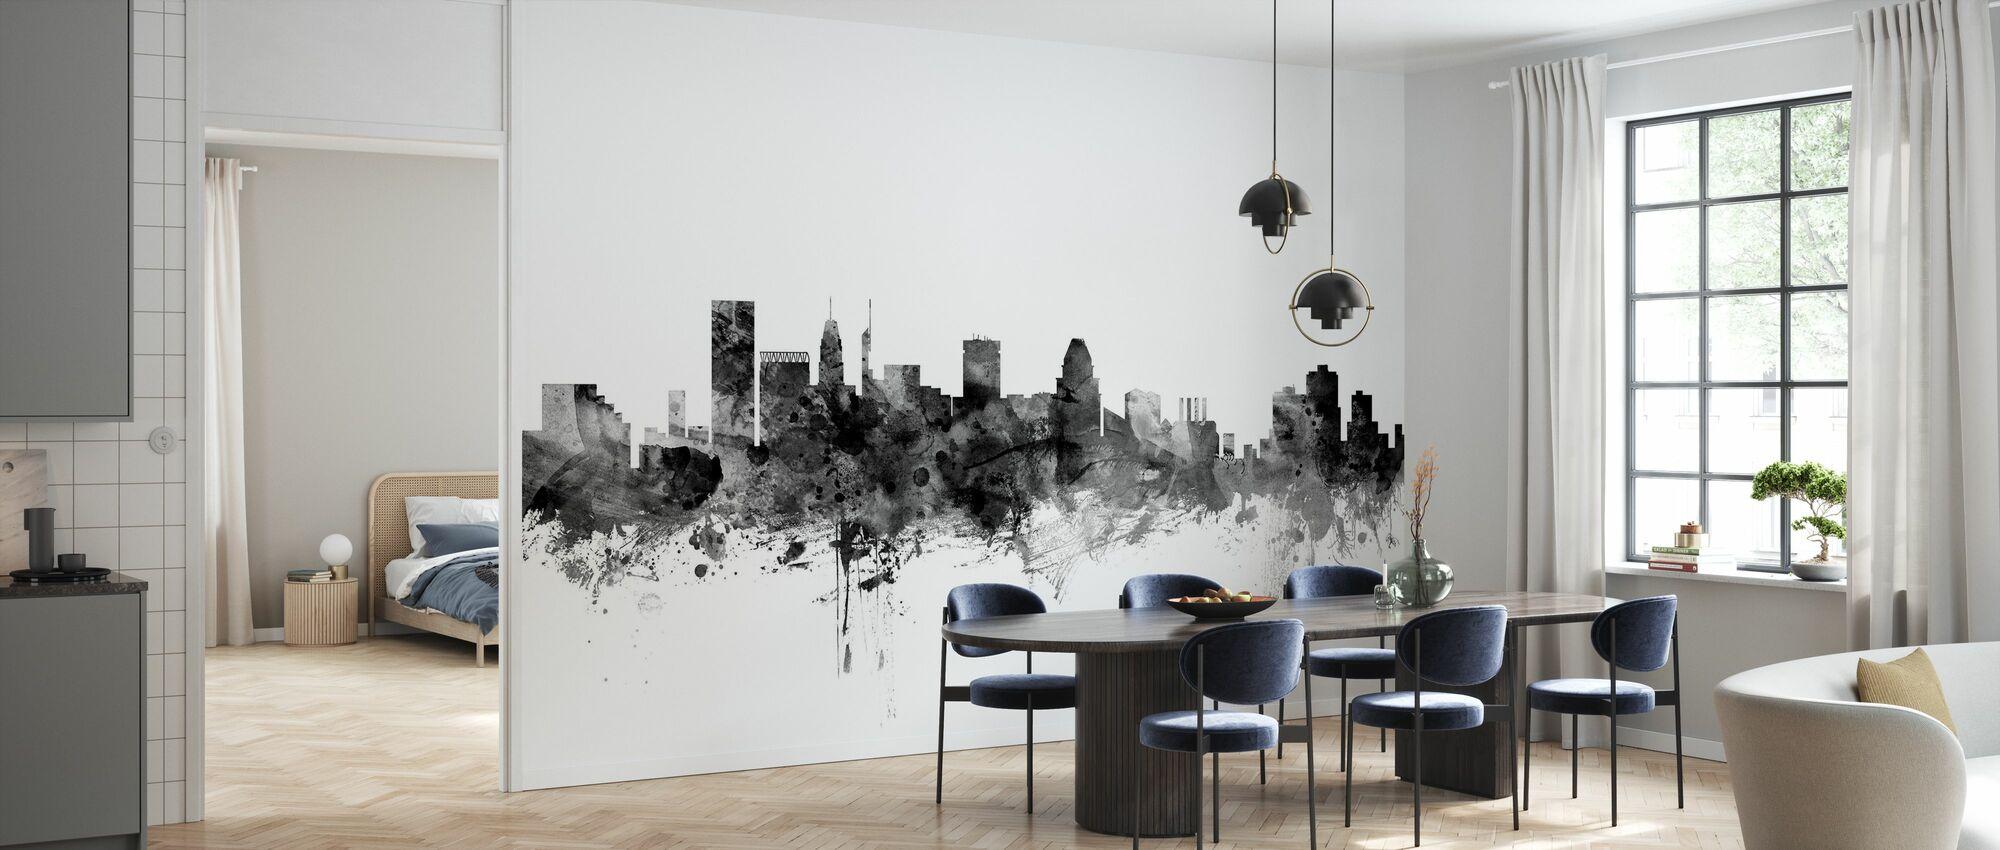 Baltimore Maryland Skyline Black - Wallpaper - Kitchen